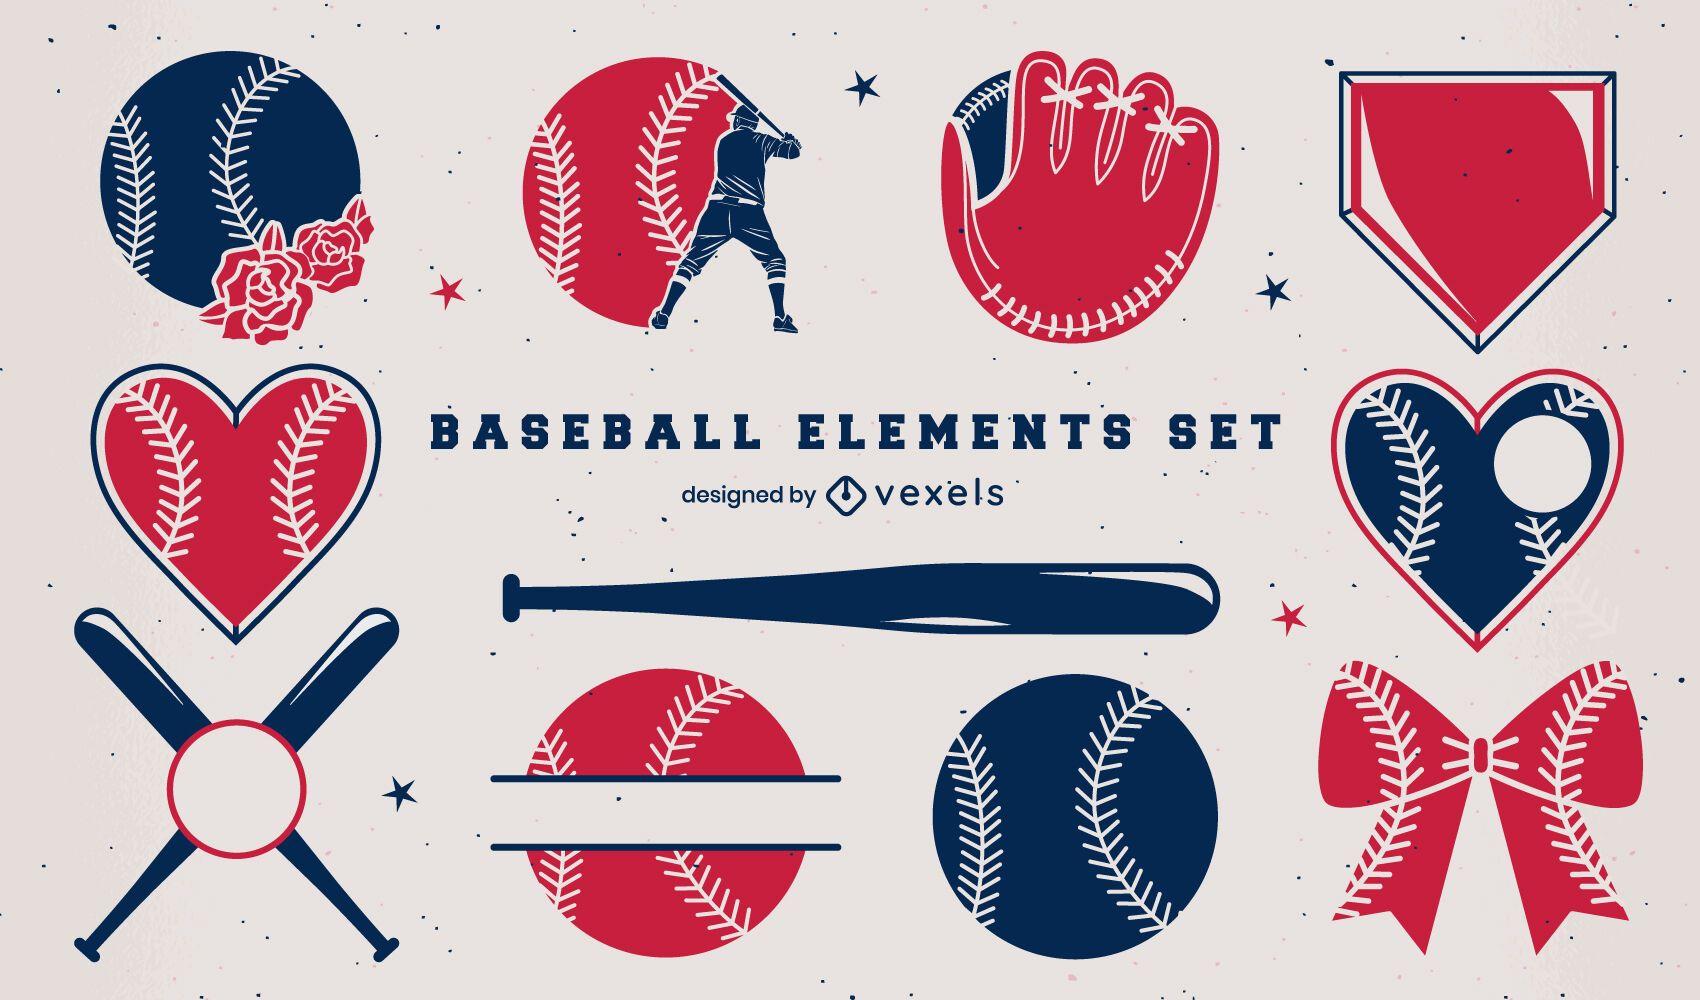 Baseball elements duotone set